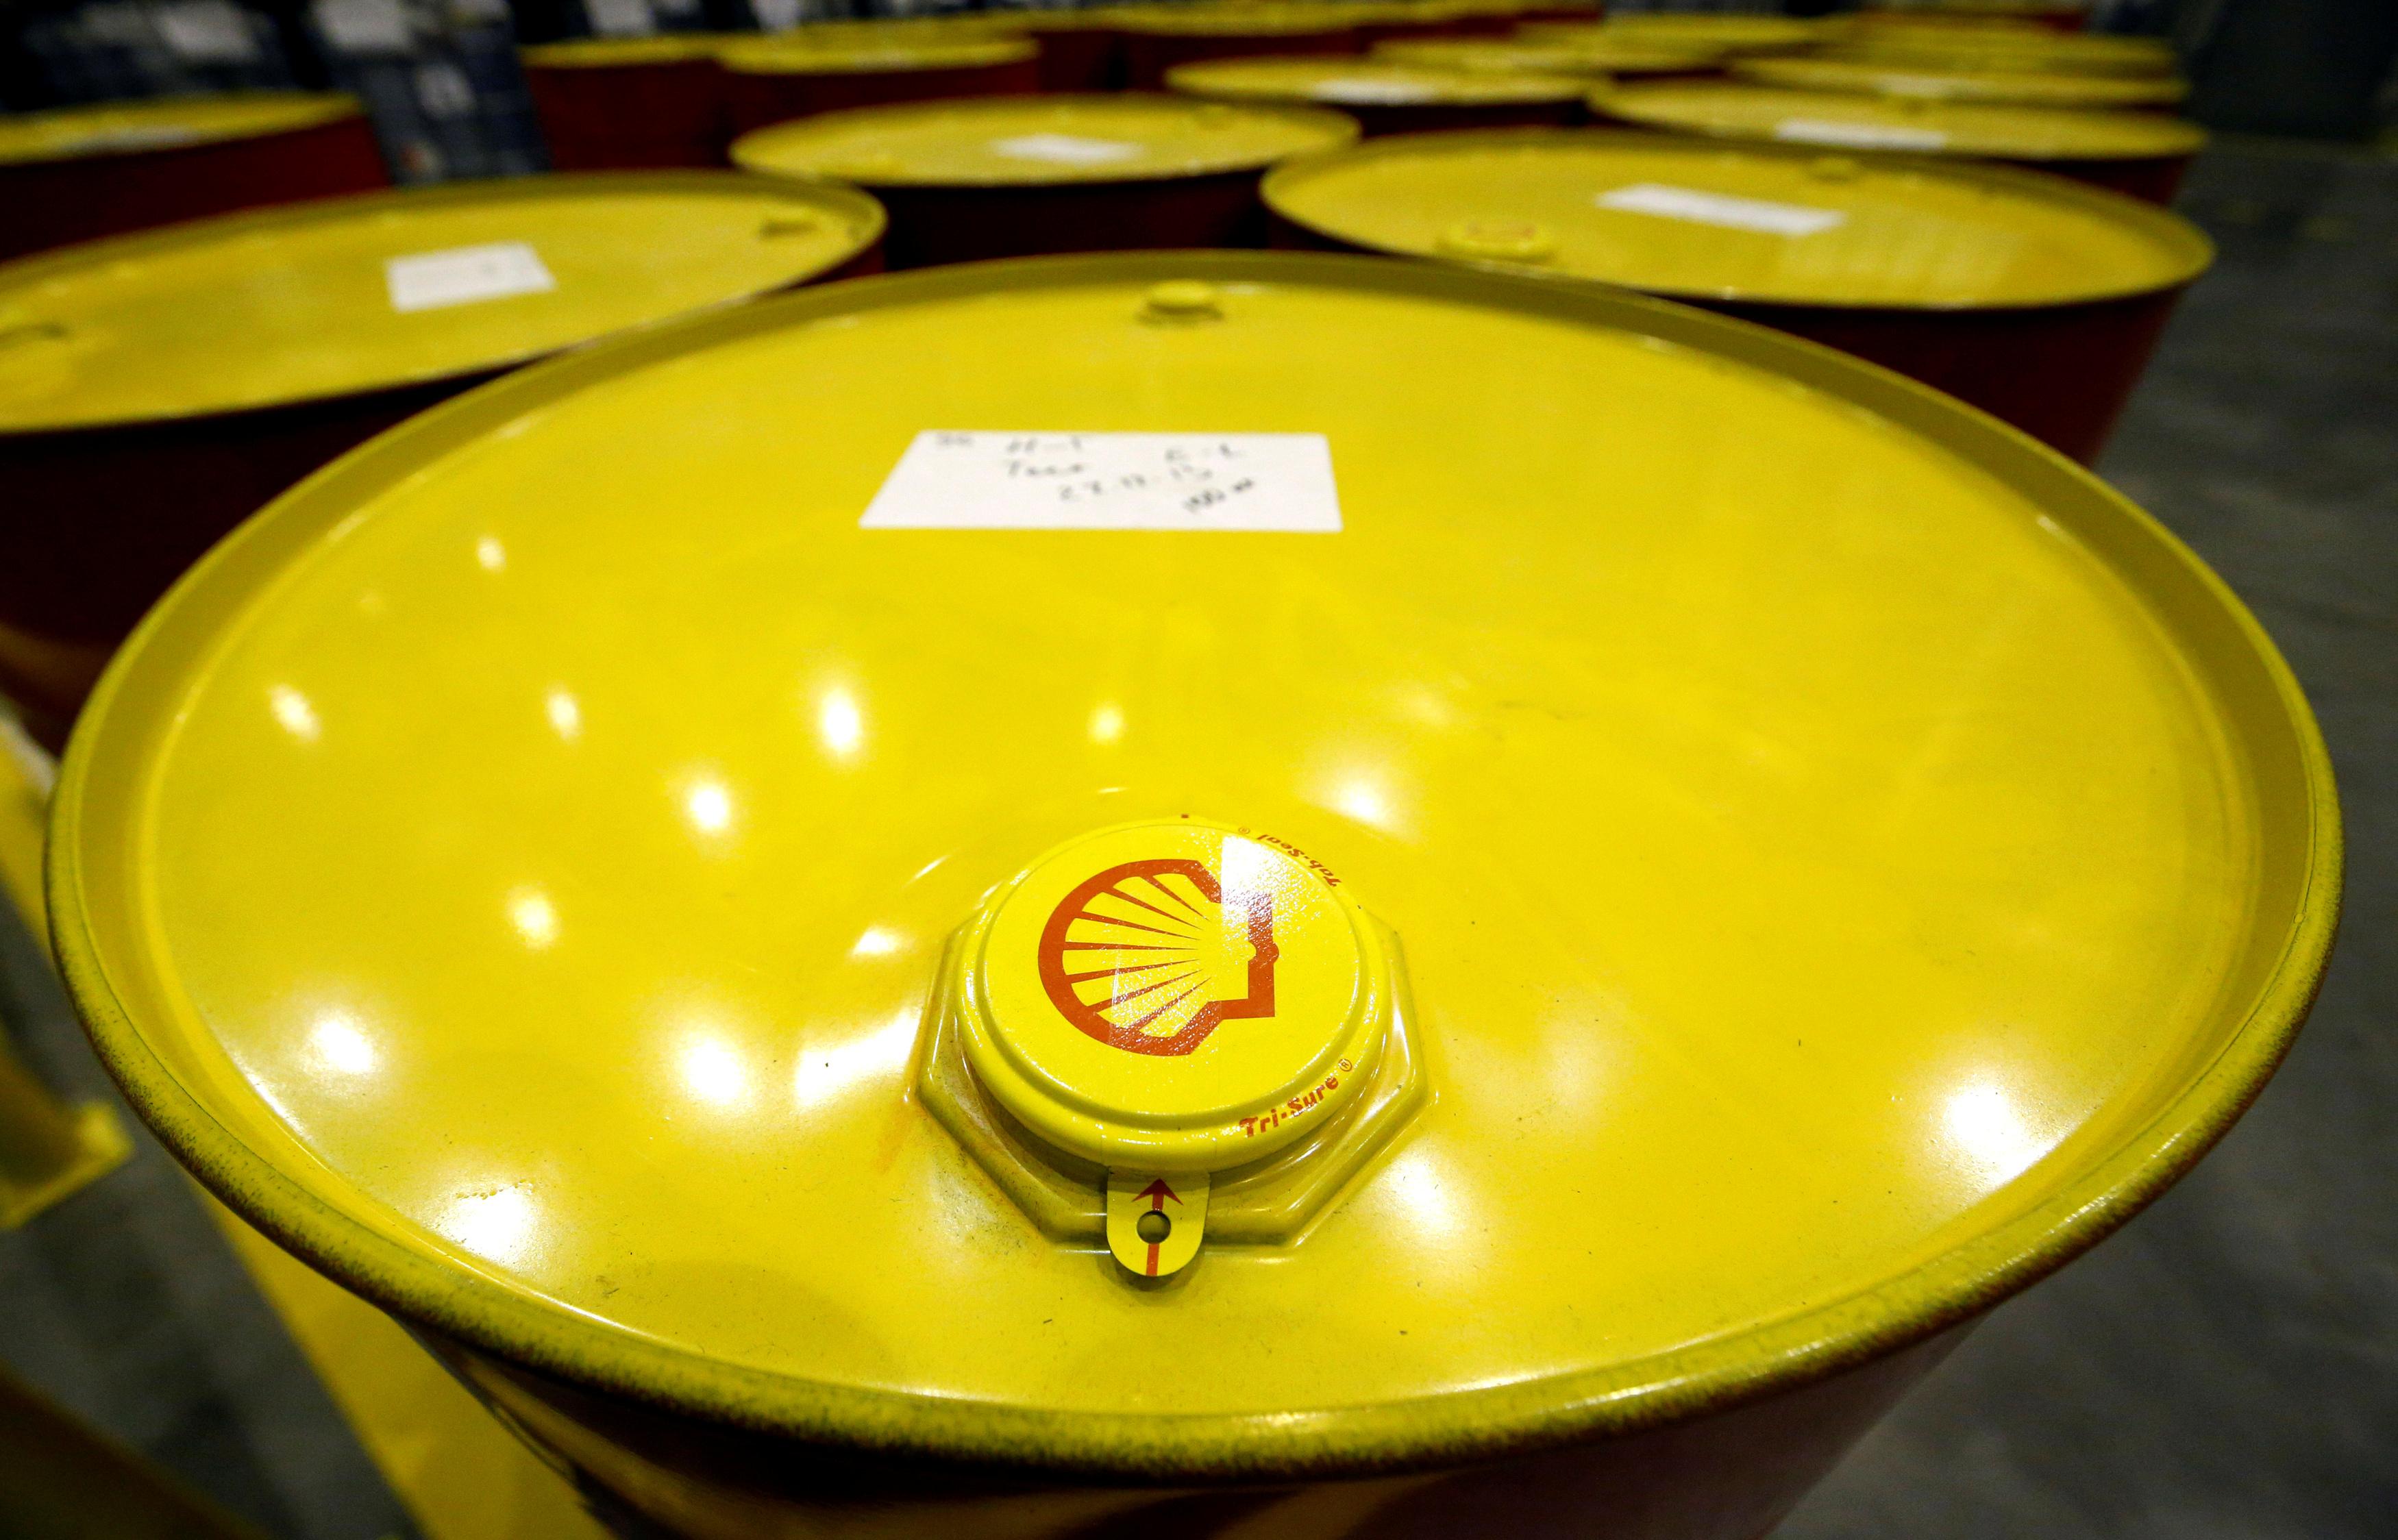 Bajos precios del petróleo y refinación golpean ganancias de Shell